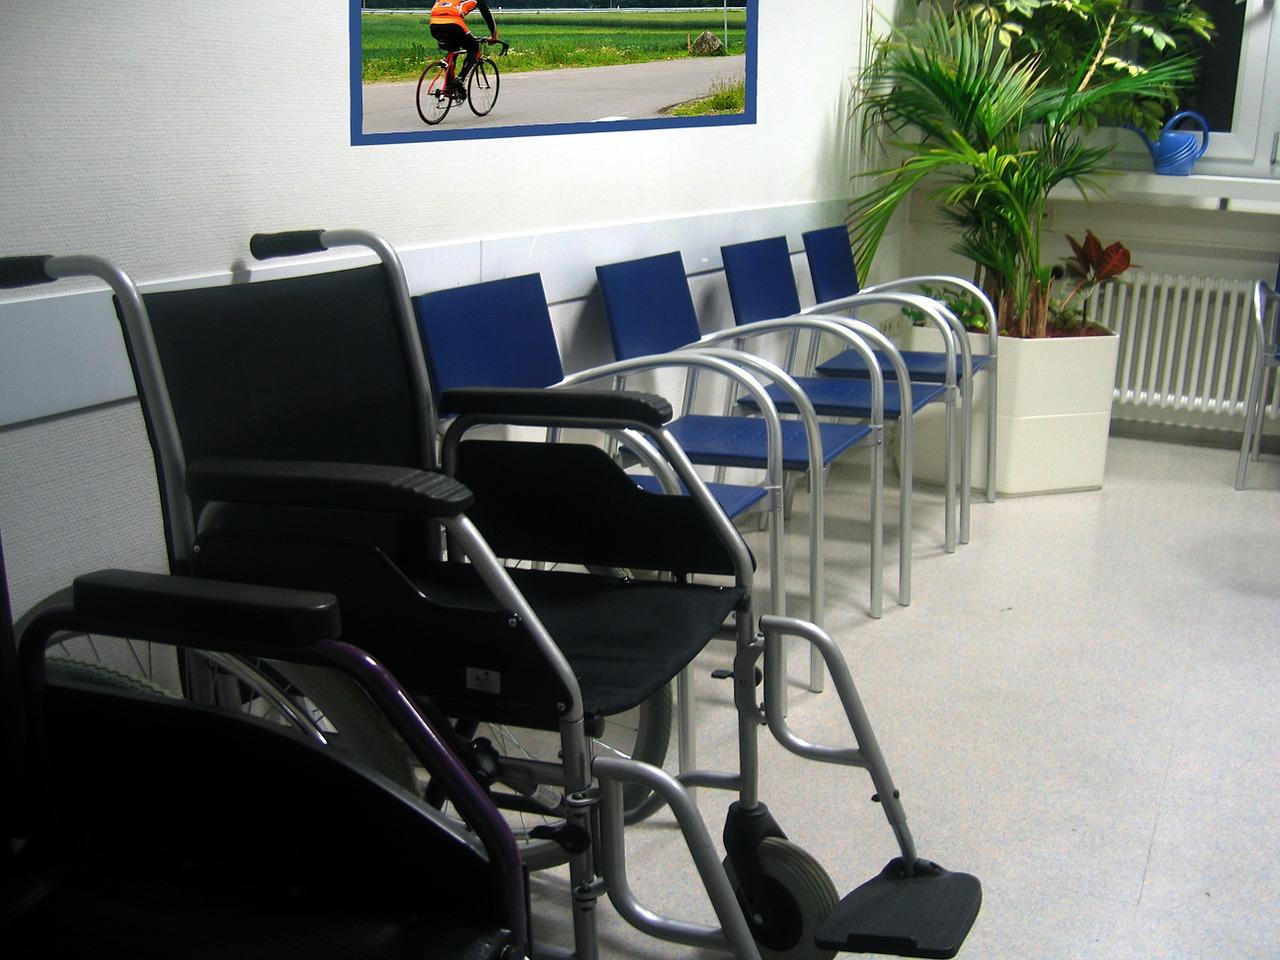 Prédios com elevadores terão de dispor de cadeiras de rodas